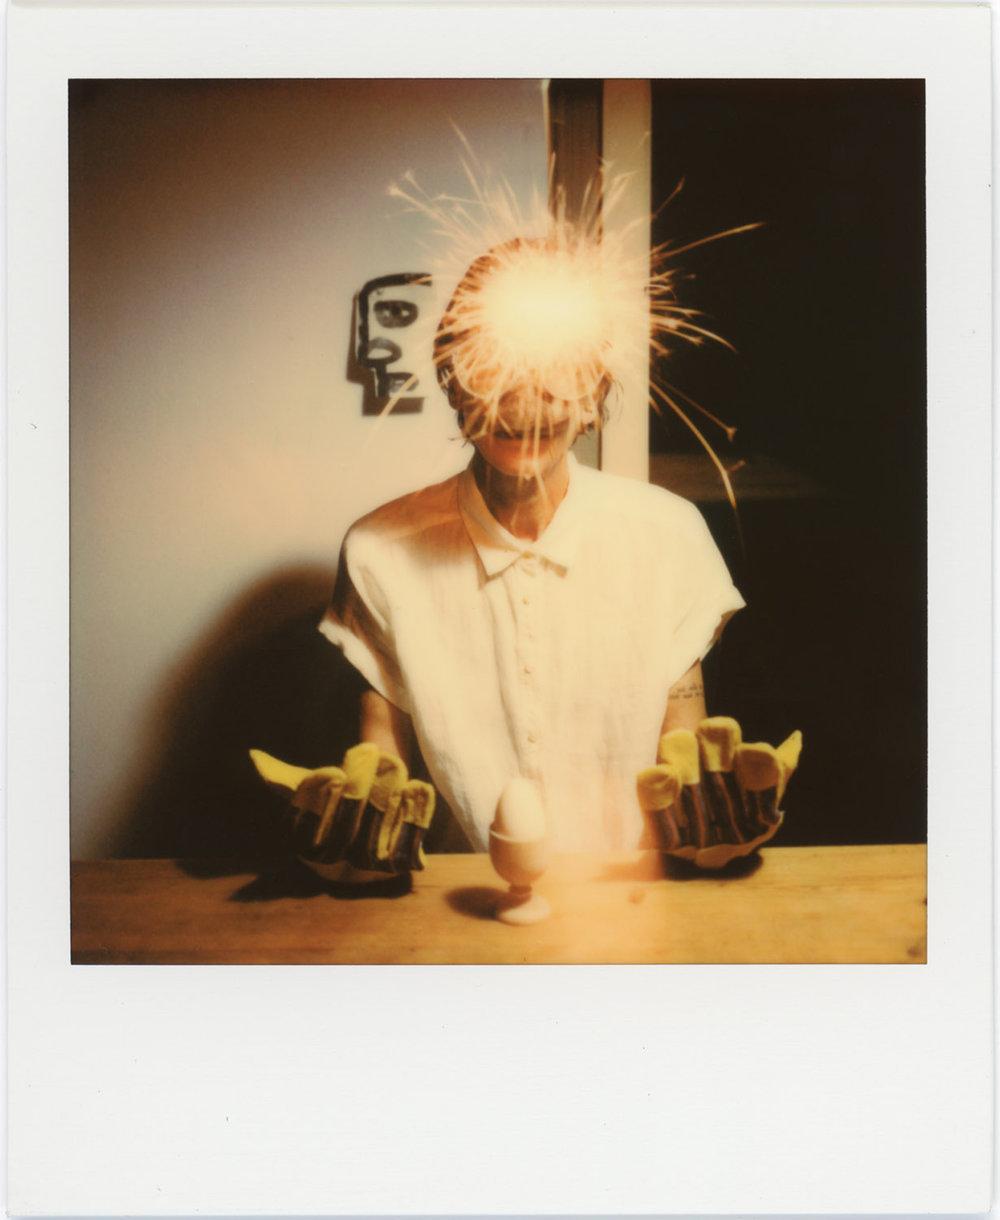 Blow My Mind | SX-70 Alpha 1 | Alek Lindus